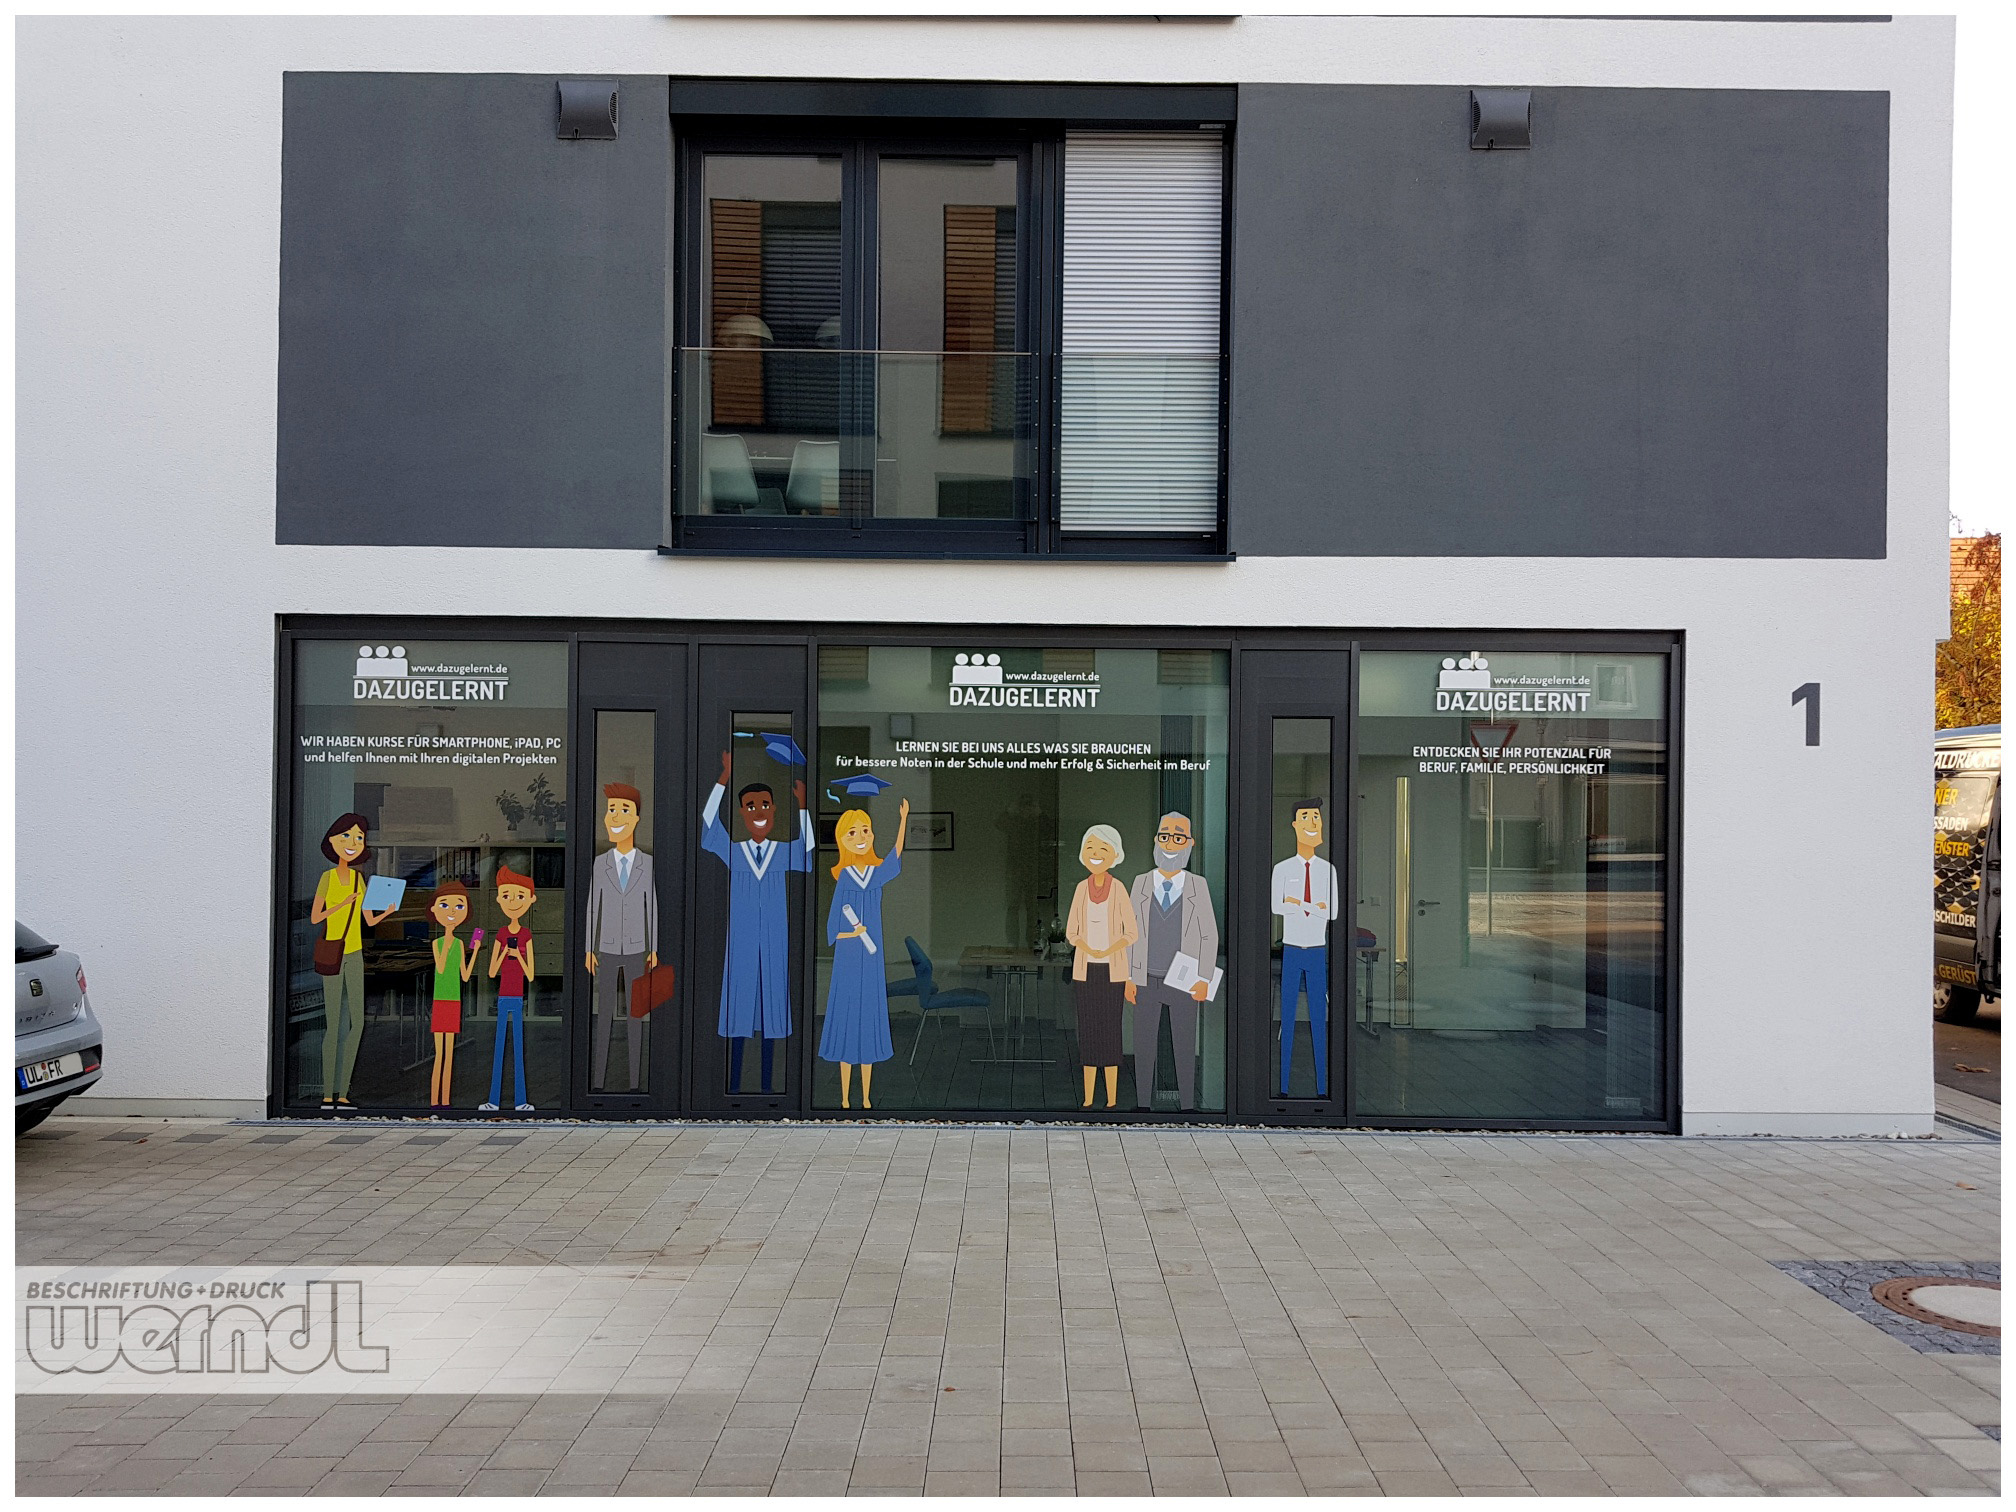 Schaufenstergestaltung für ein Weiterbildungsinstitut.